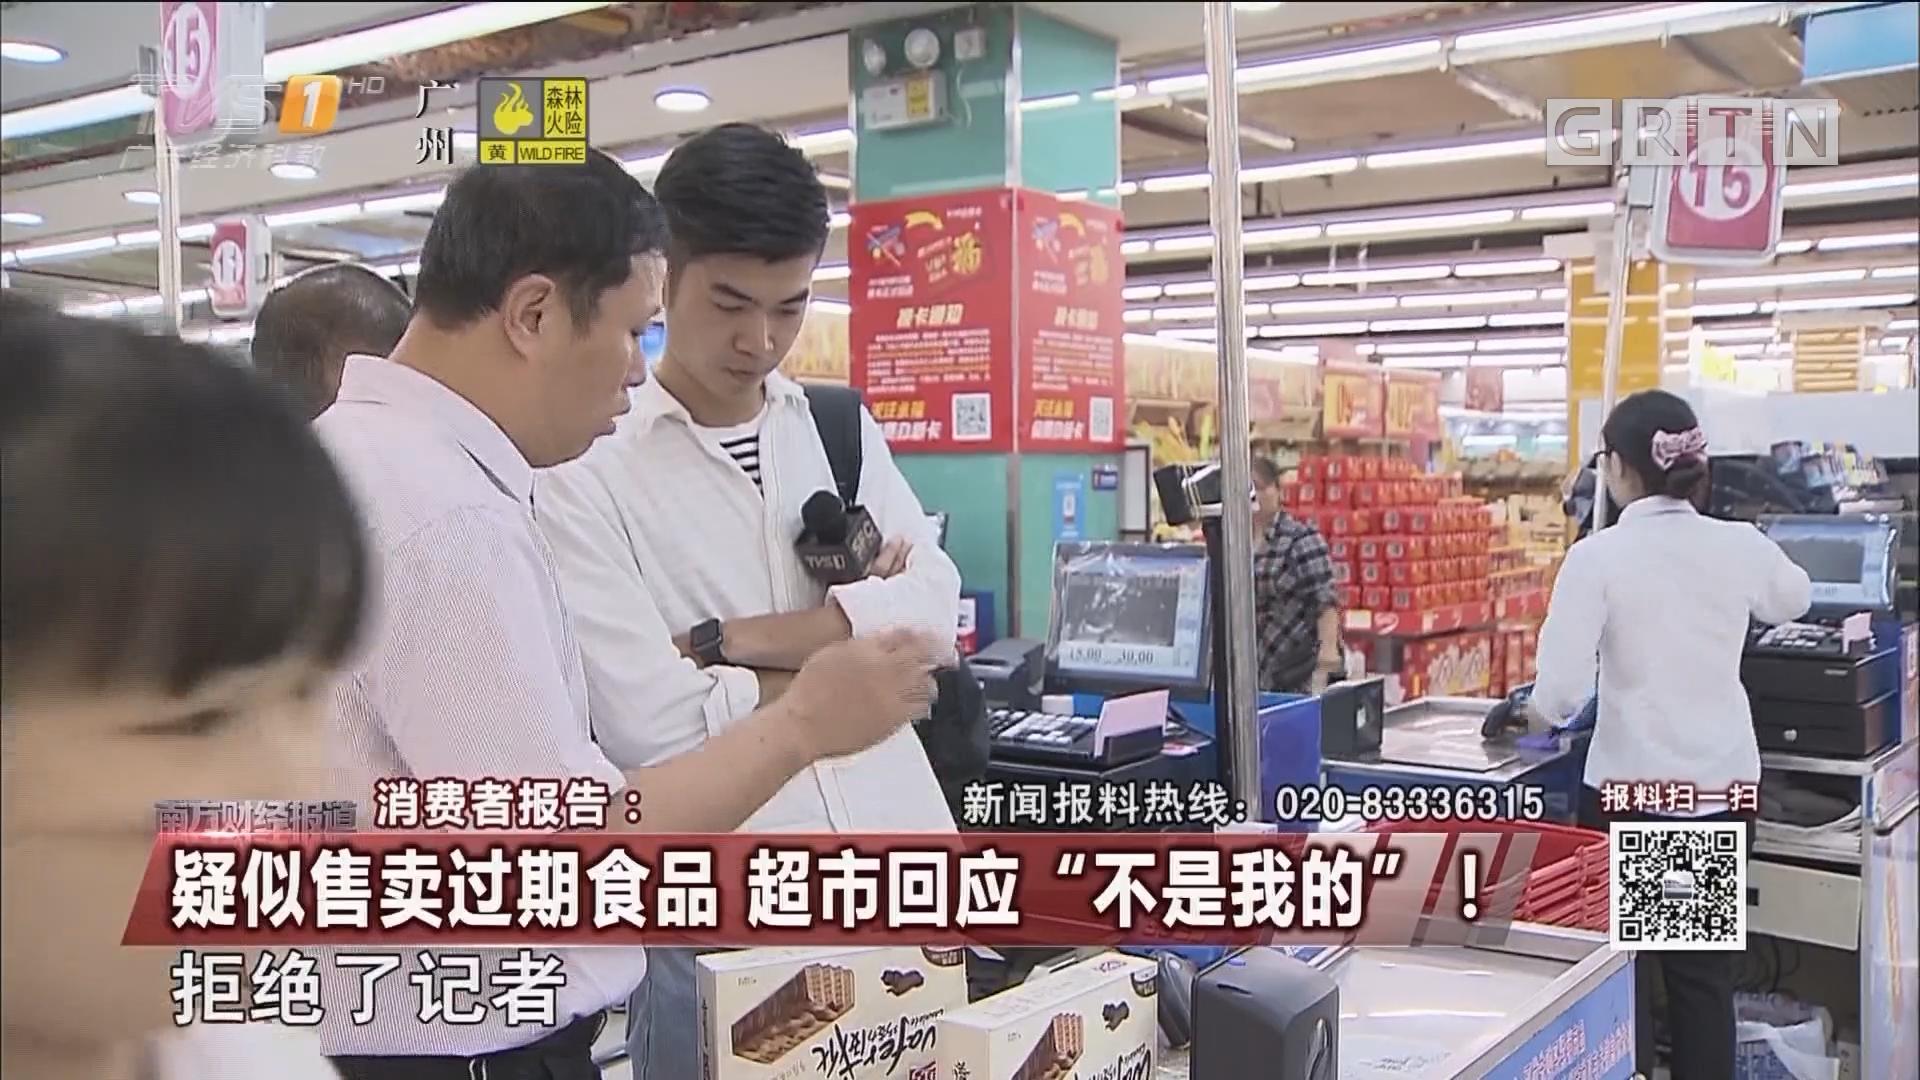 """消费者报告:疑似售卖过期食品 超市回应""""不是我的""""!"""